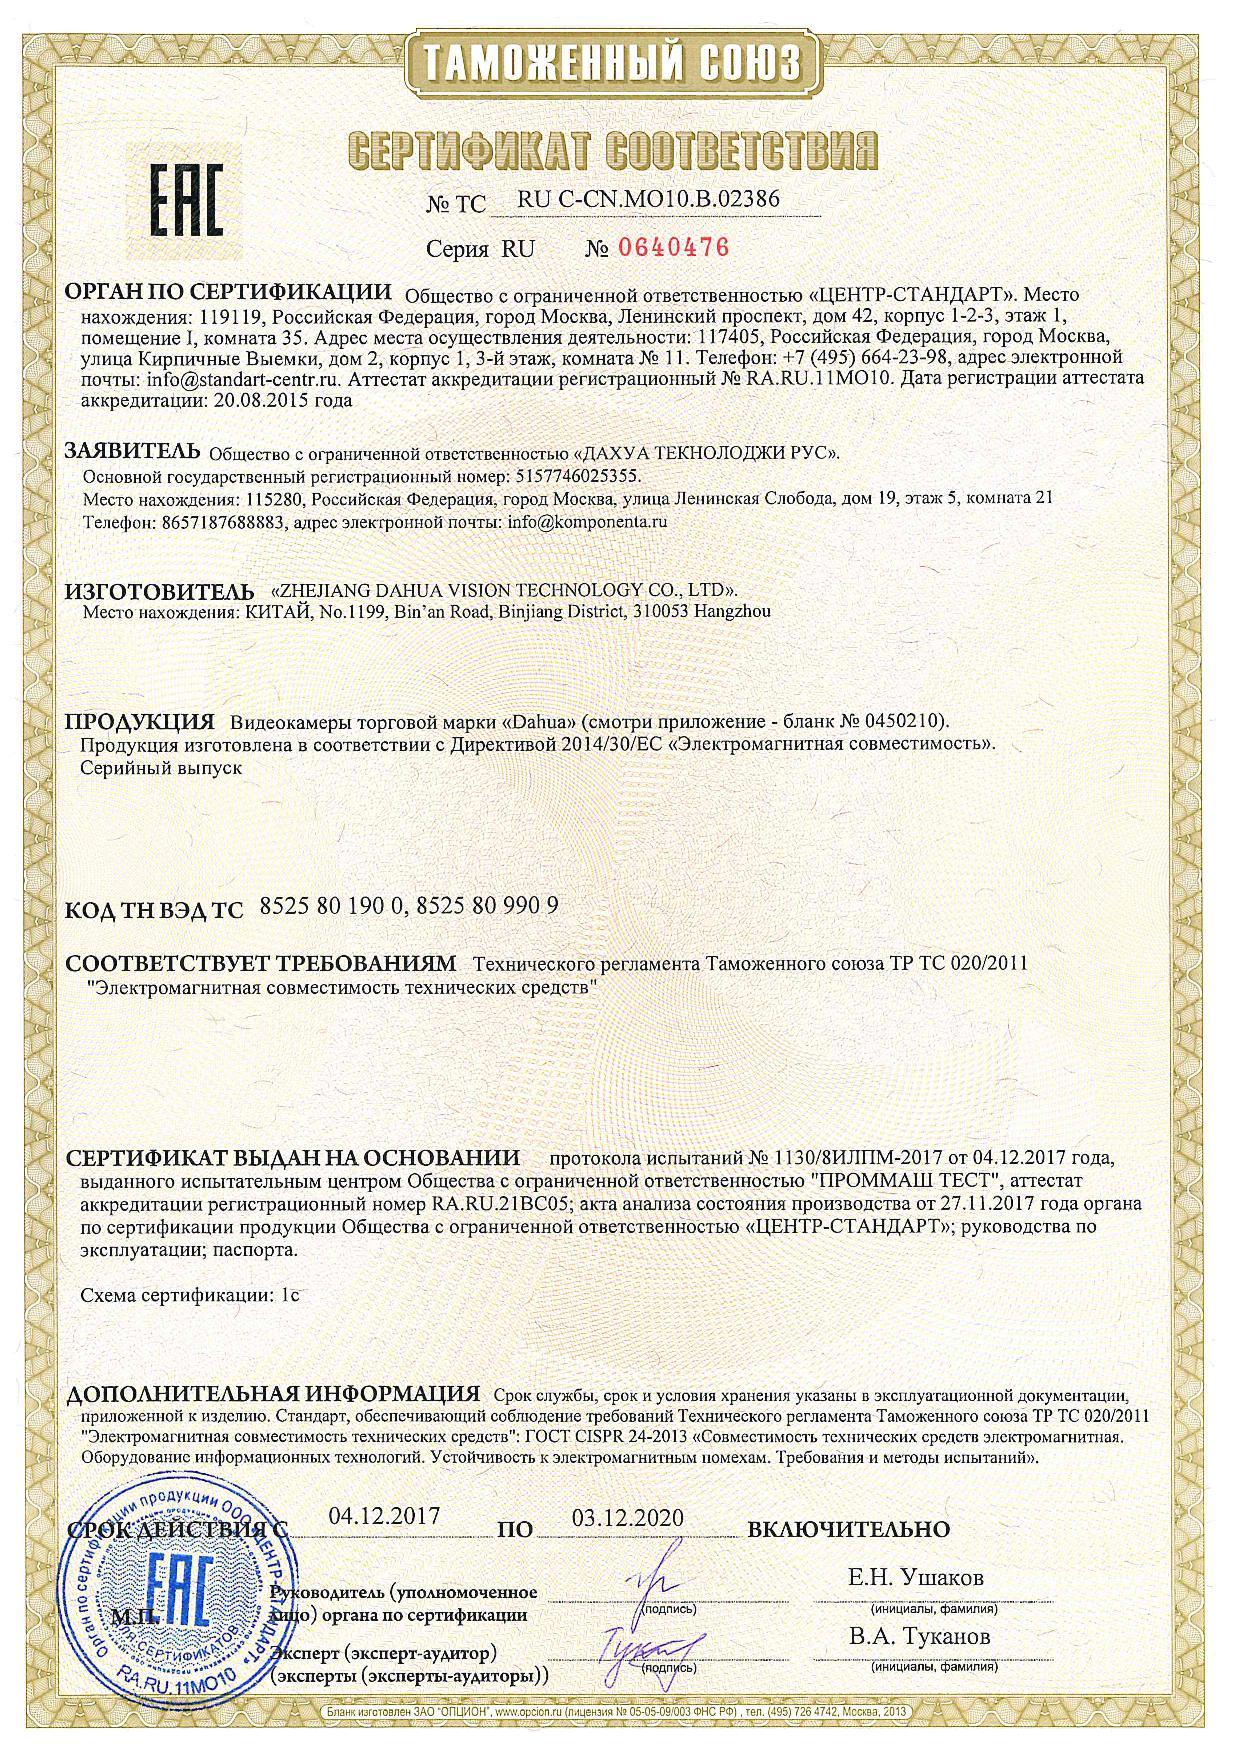 Сертификат соответствия. Видеокамеры Dahua